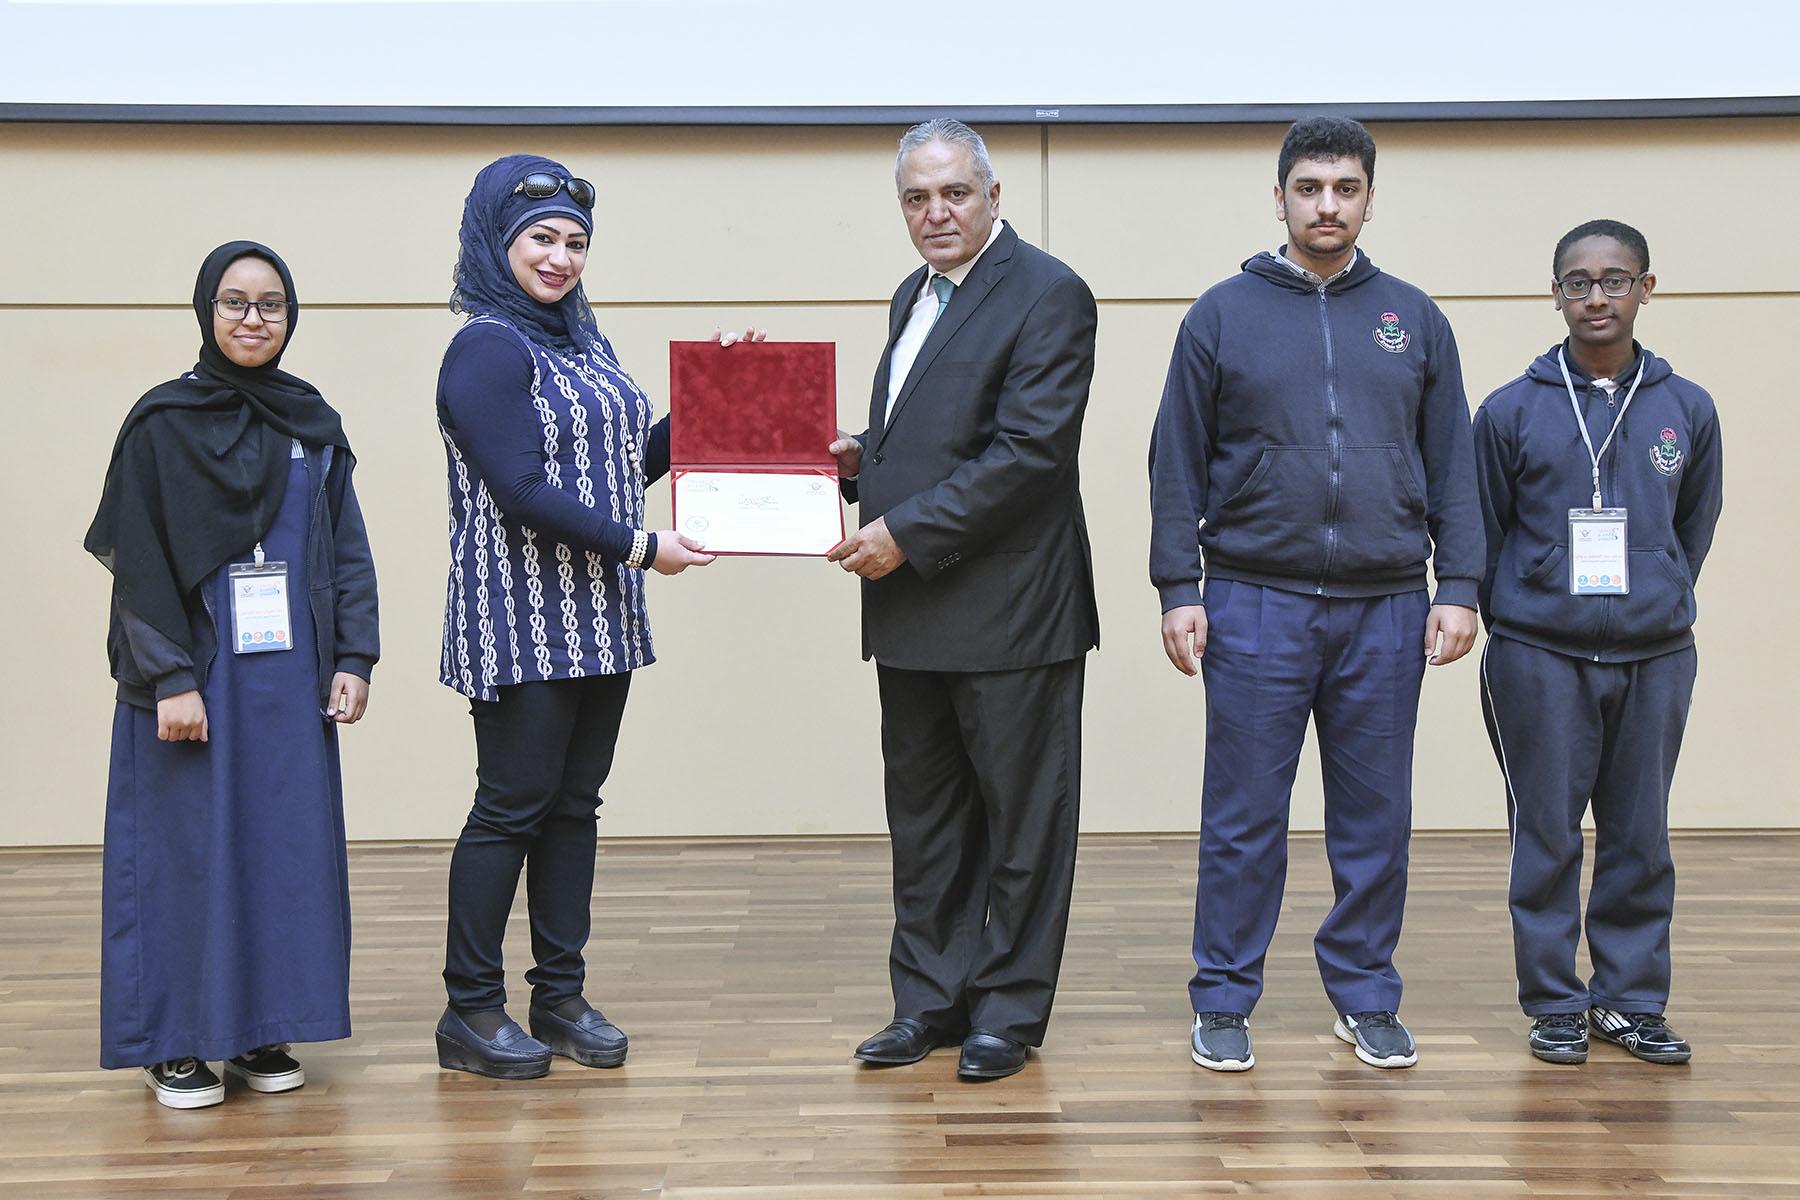 النهائي (مدرسة المنهل الدولية الخاصة ضد مدرسة أشبال القدس الثانوية الخاصة)